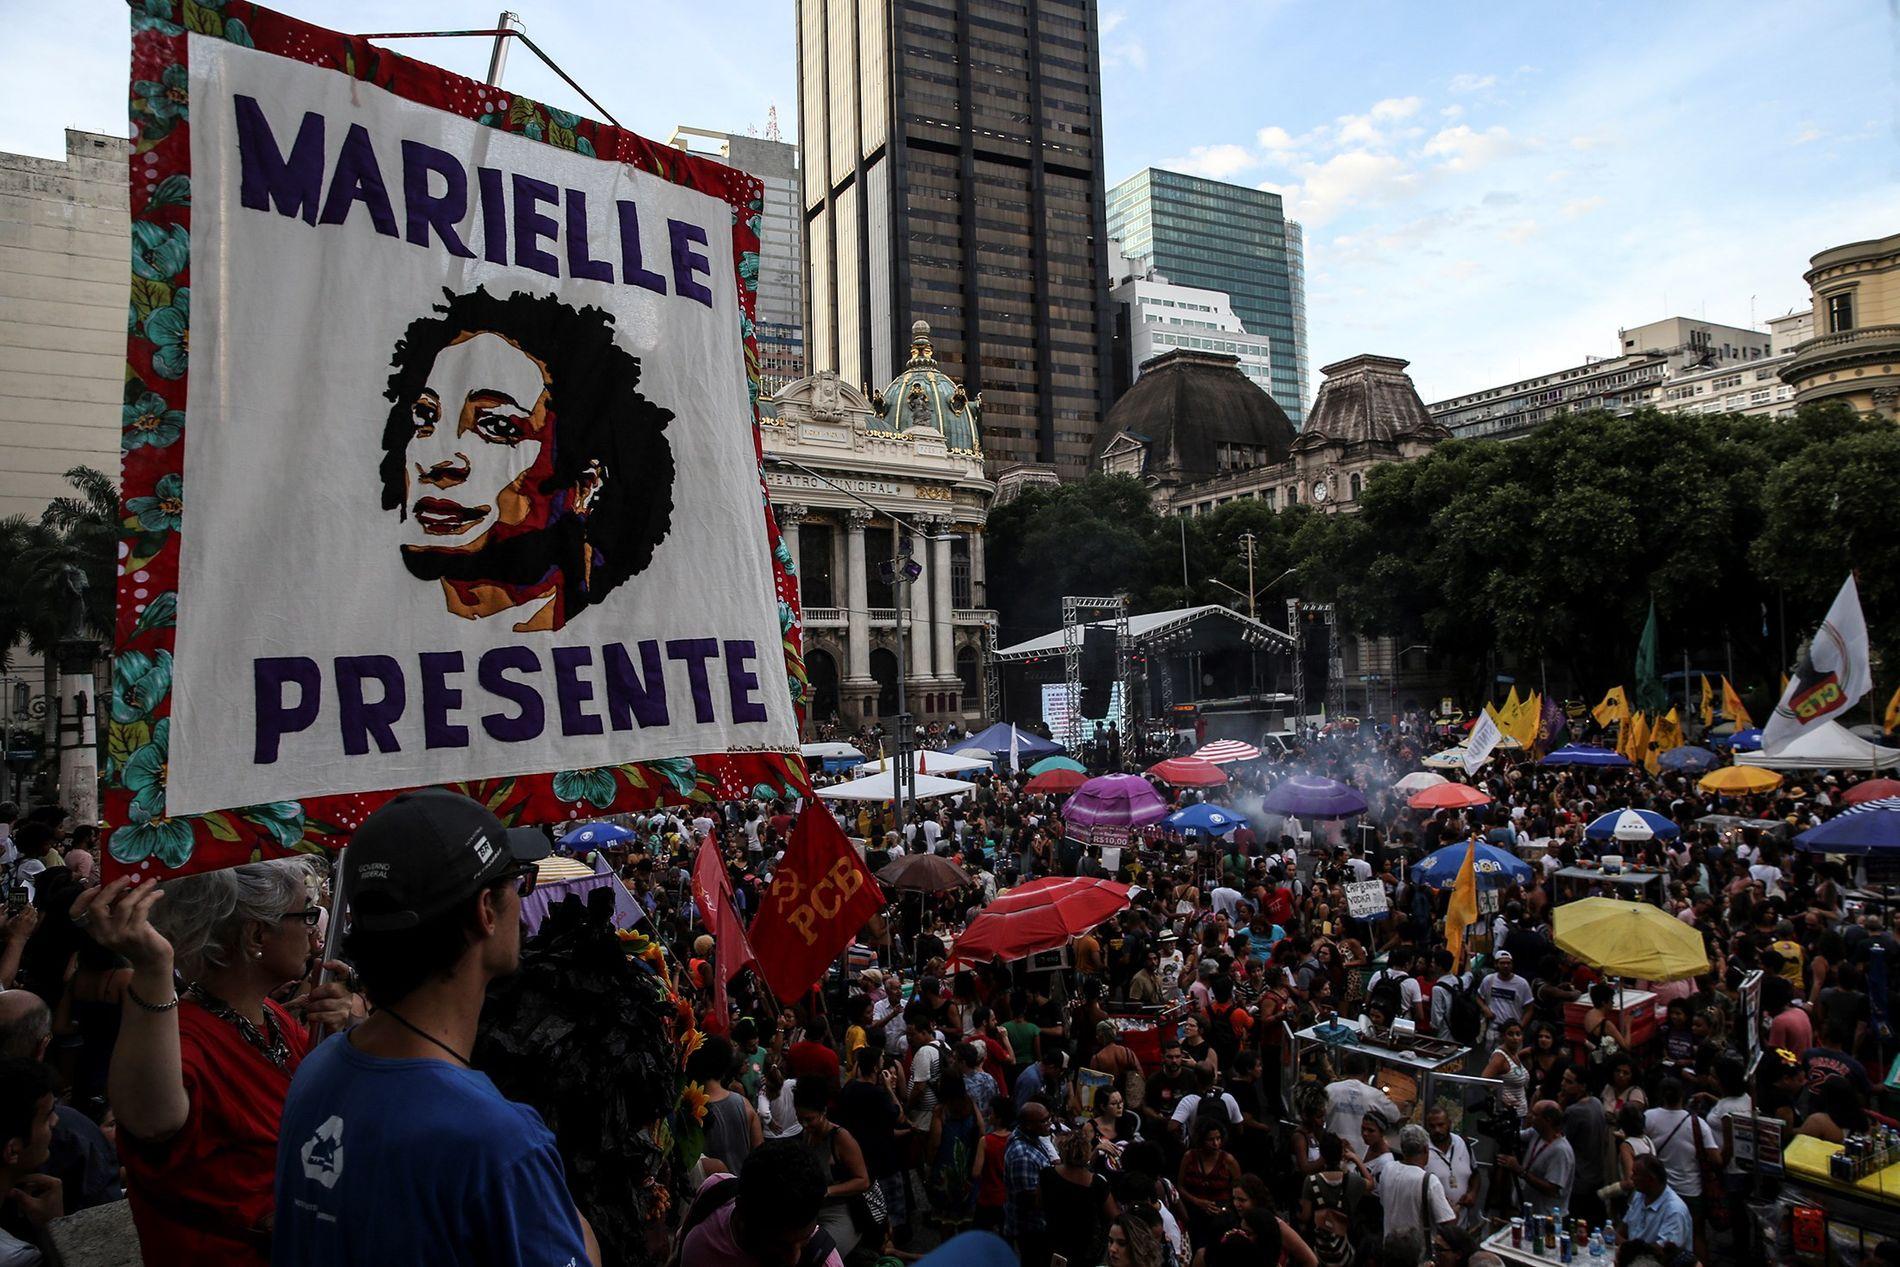 LEVER VIDERE: – Den myrdede politikeren Marielle Franco vil fortsatt spille en stor rolle i brasiliansk politikk. Gjerningsmennene trodde at problemet var løst ved å bli kvitt henne, det var tross alt bare et vanlig mord i Rio som ofte ikke etterforskes. De tok feil, skriver kronikkforfatteren.